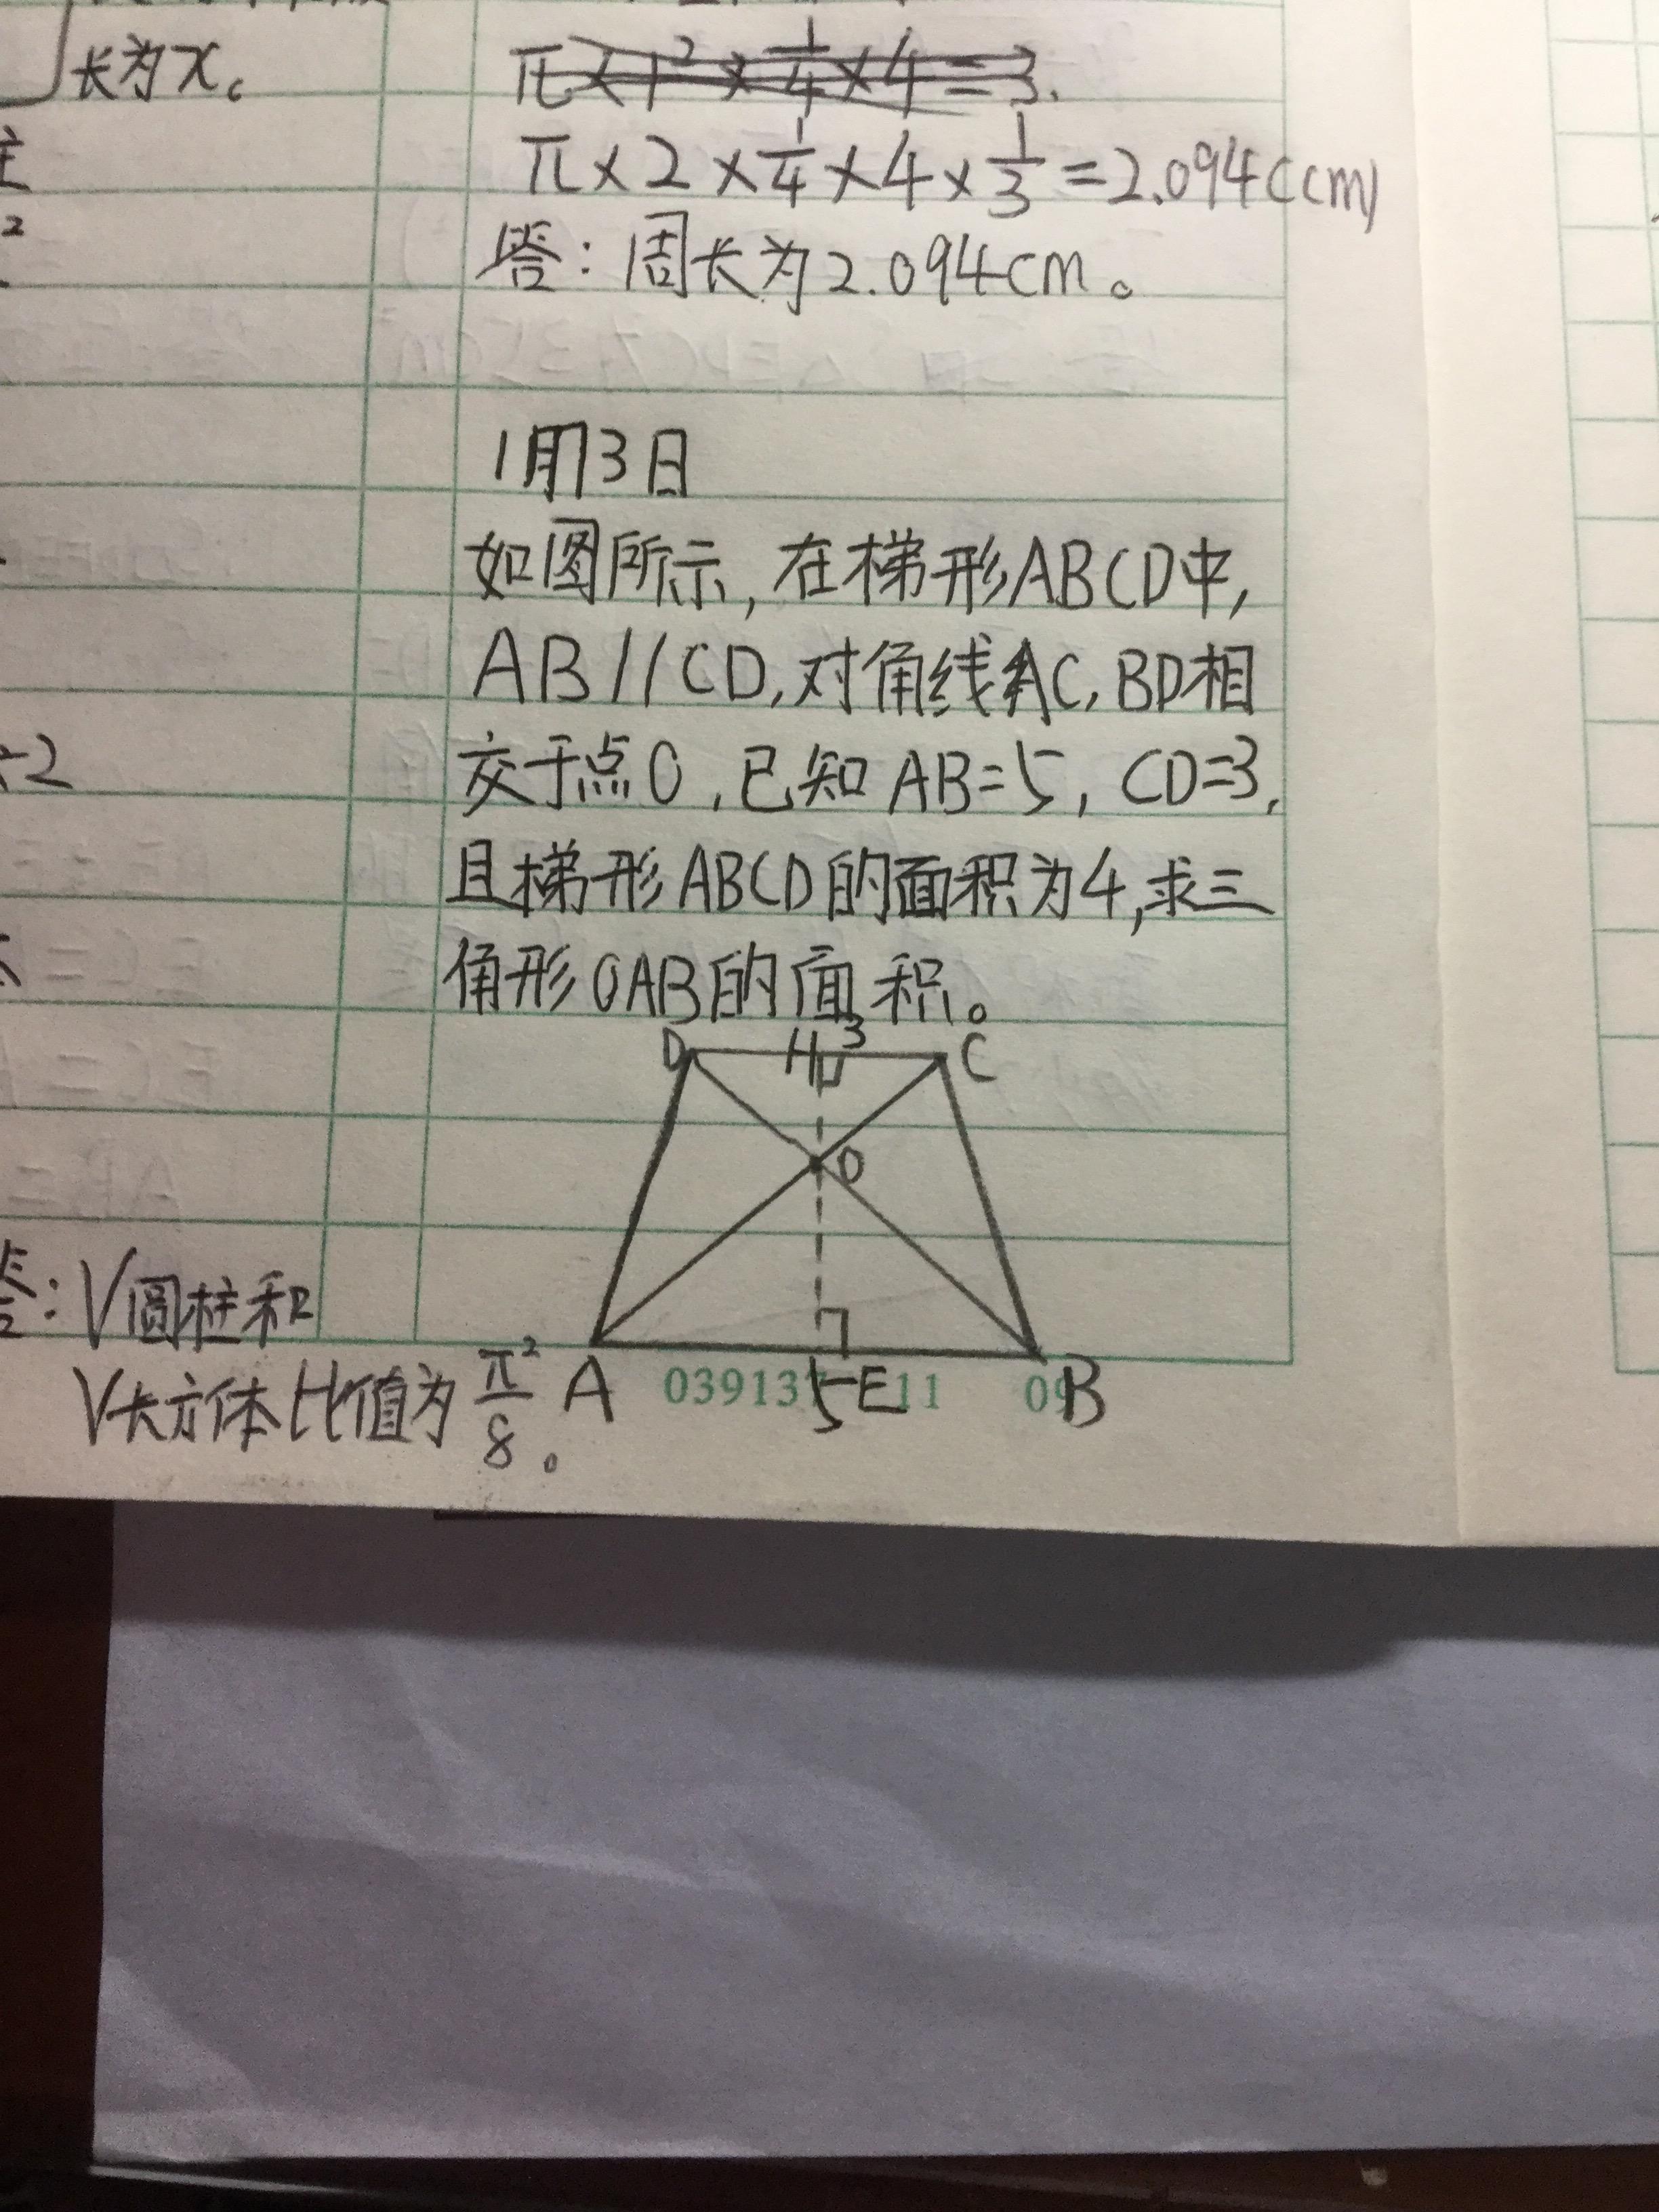 91FE0160-4DAA-4C6E-9D1E-127158FC0A4A.jpg